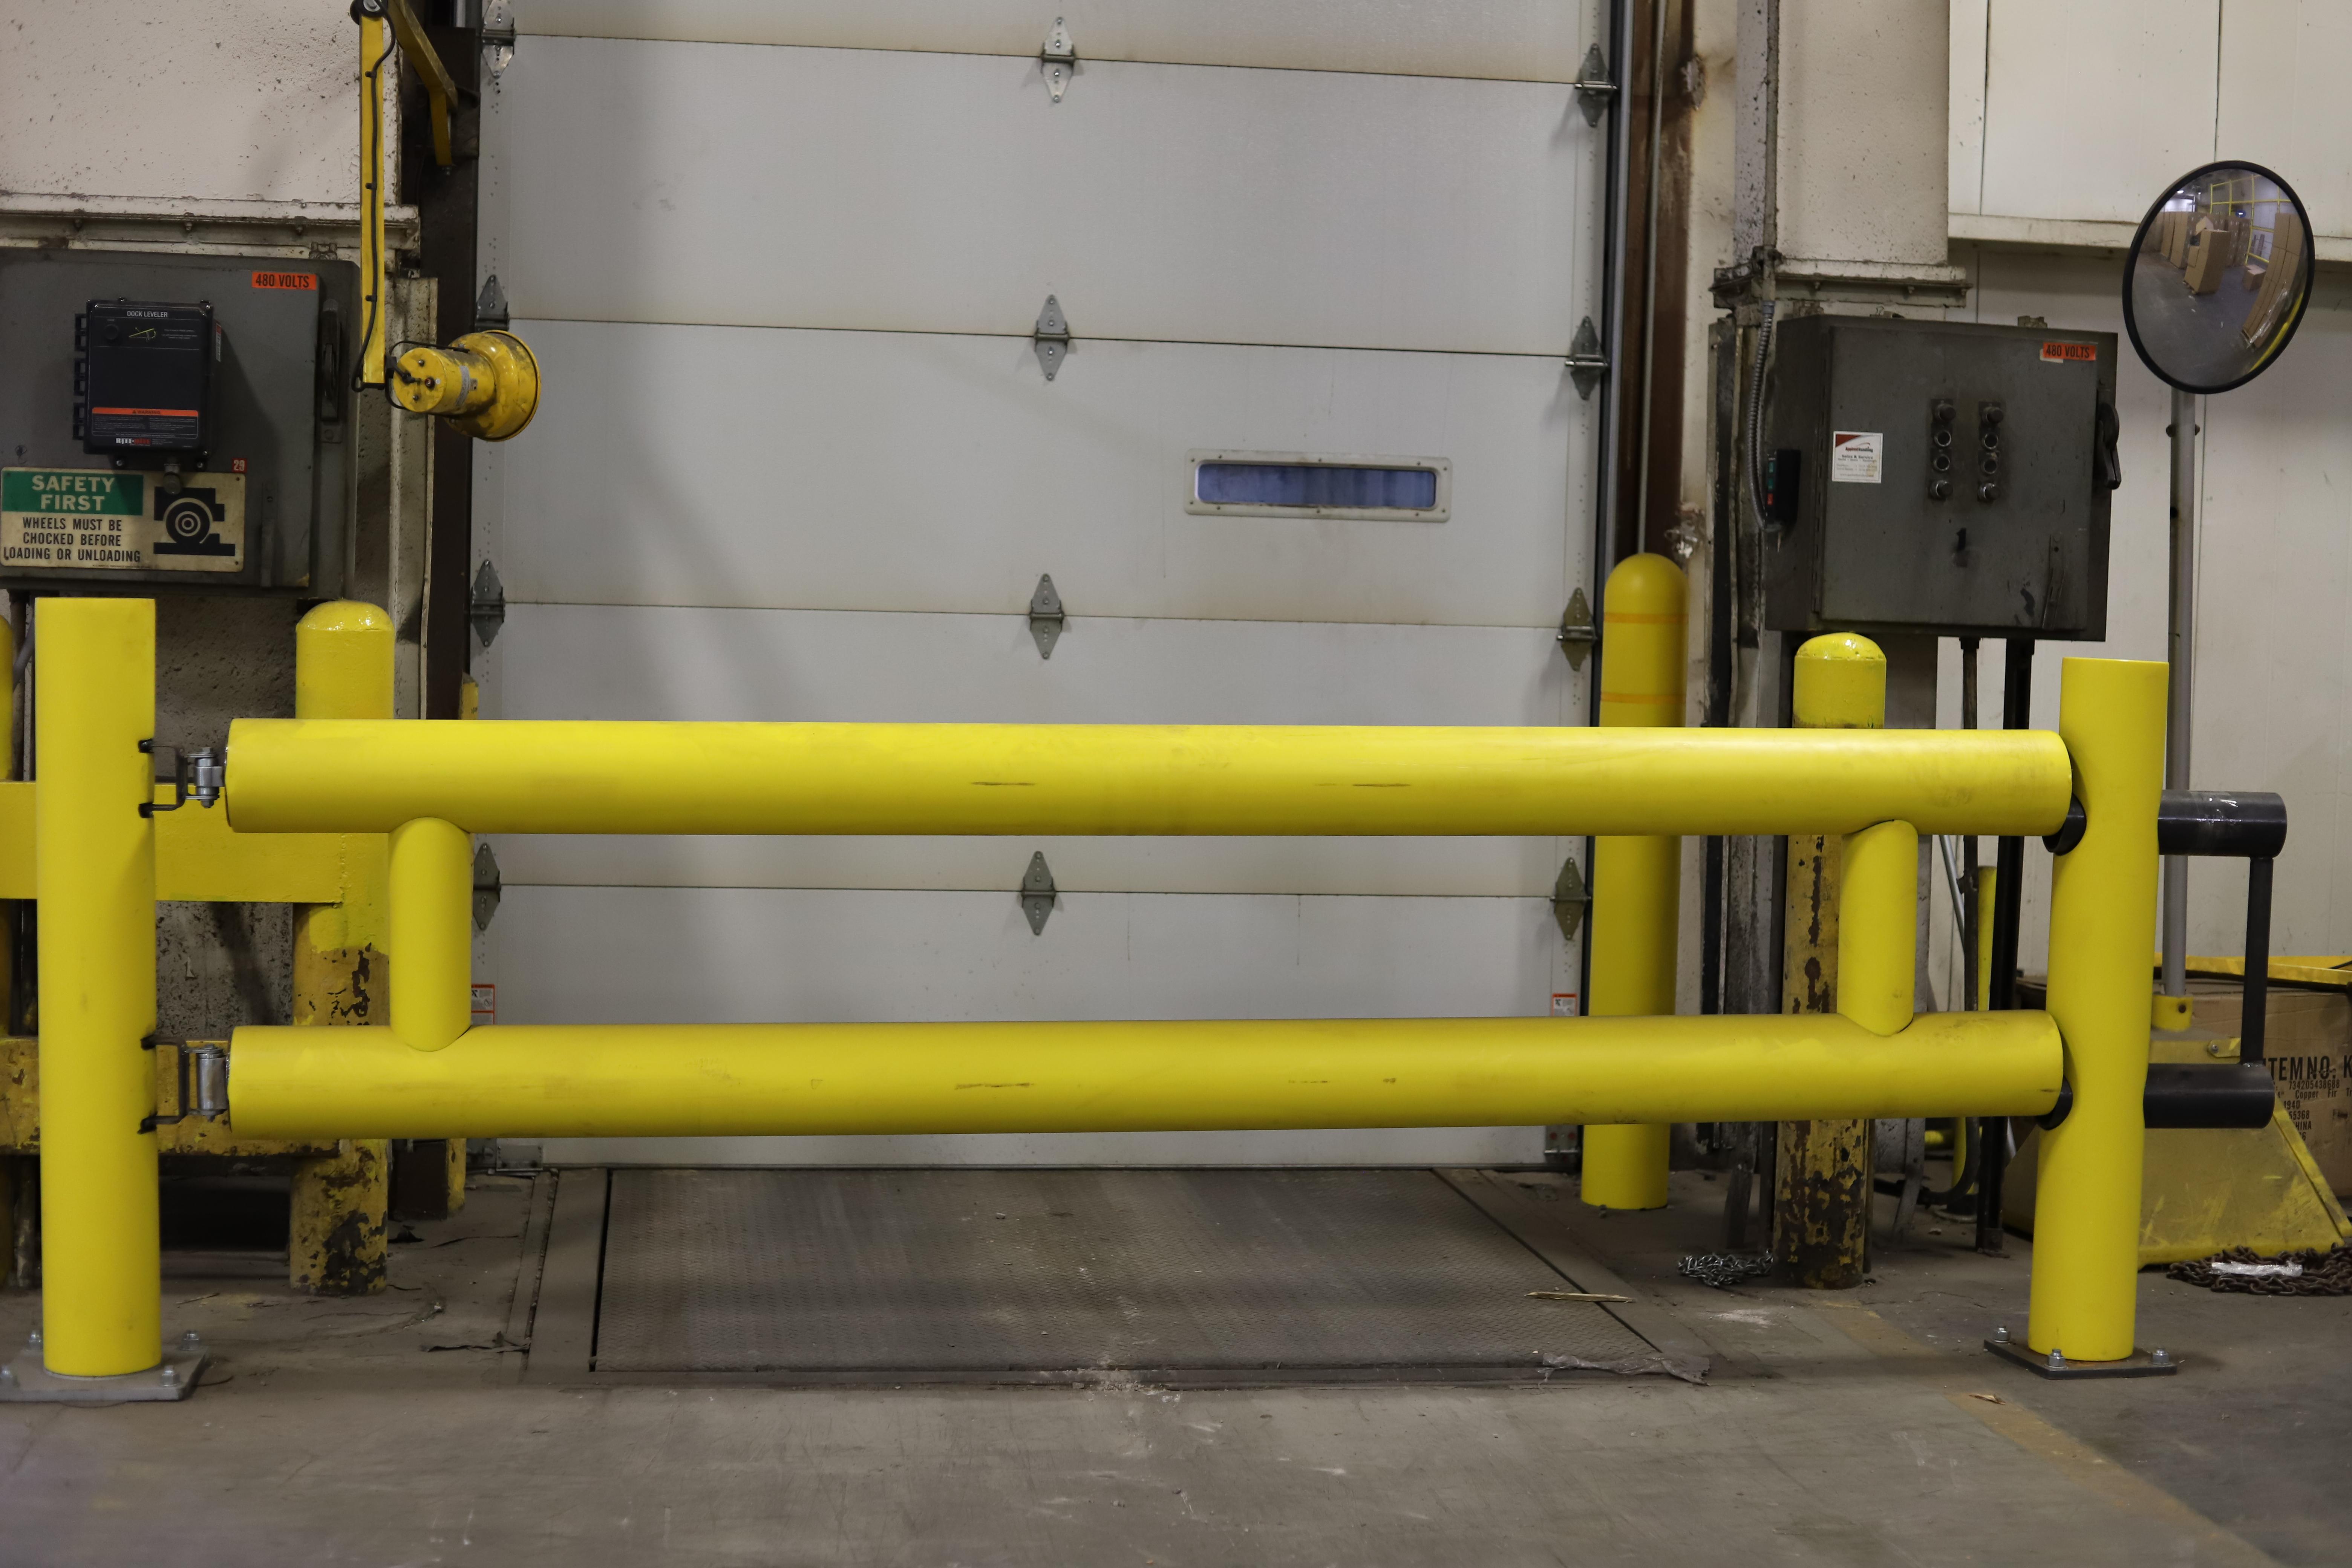 Ideal Shield's Heavy Duty Guardrail Swing Gate at dock doors